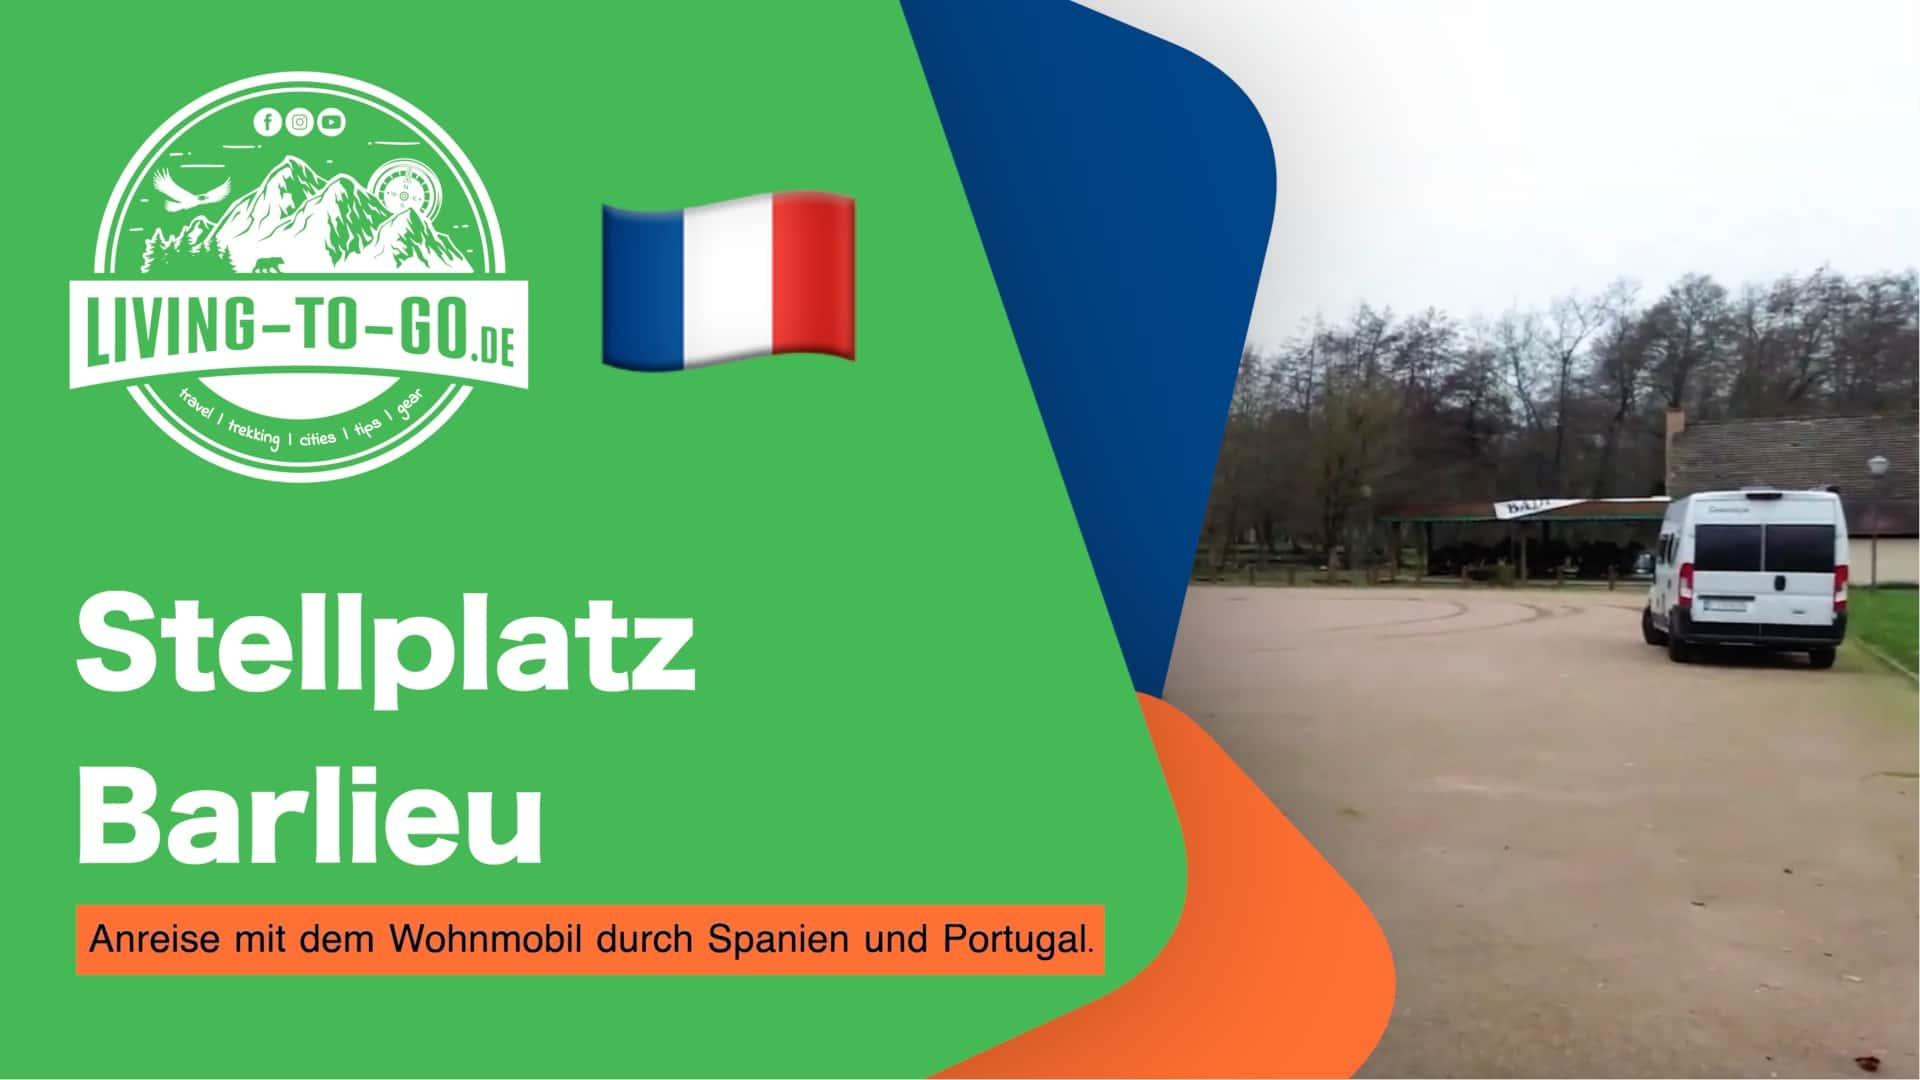 Stellplatz Barlieu